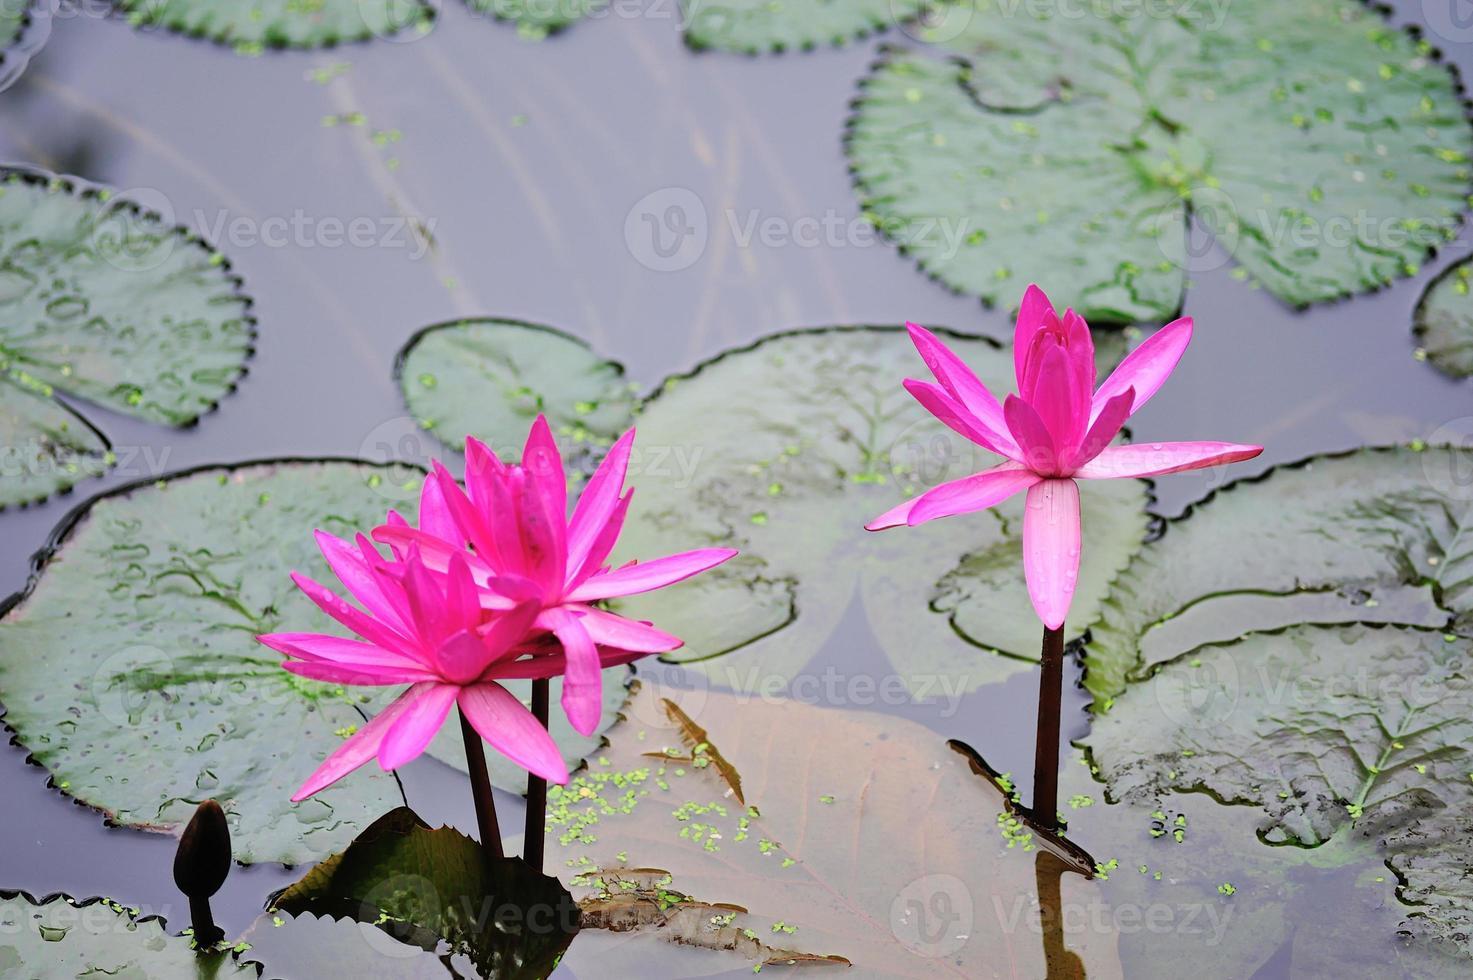 Lotus dans la piscine de la nature à la lumière du soleil photo